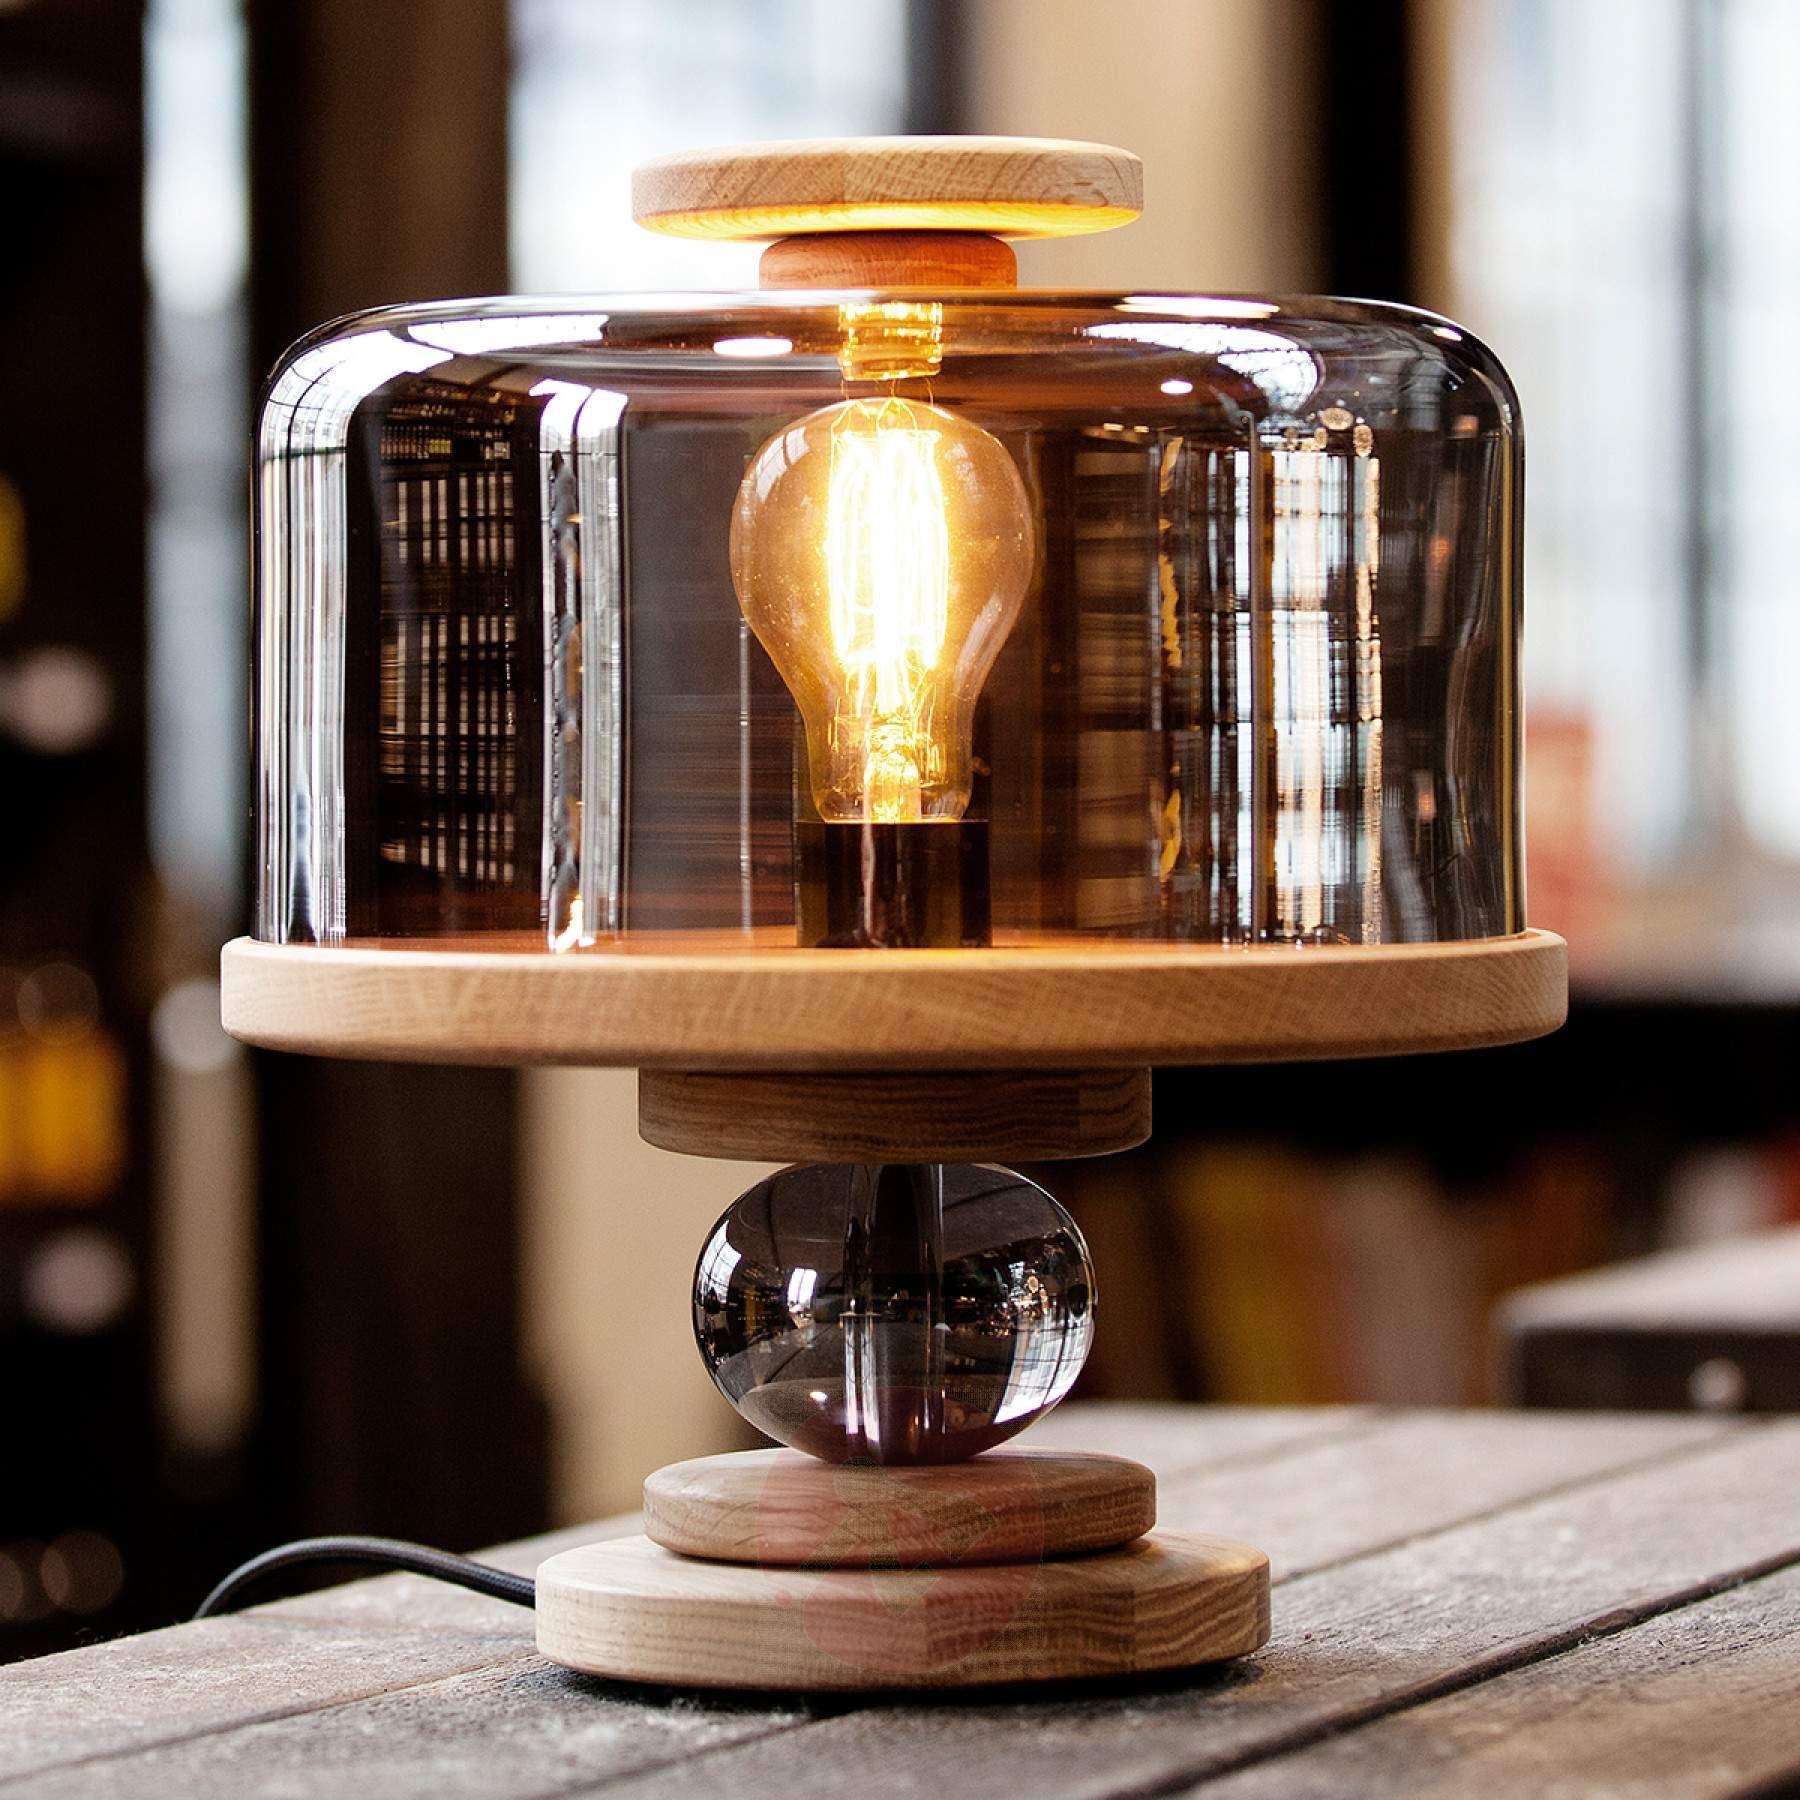 Acquista Stravagante Lampada Da Tavolo Bake Me A Cake Lampade It Lampade Da Tavolo Lampade Lampade In Vetro